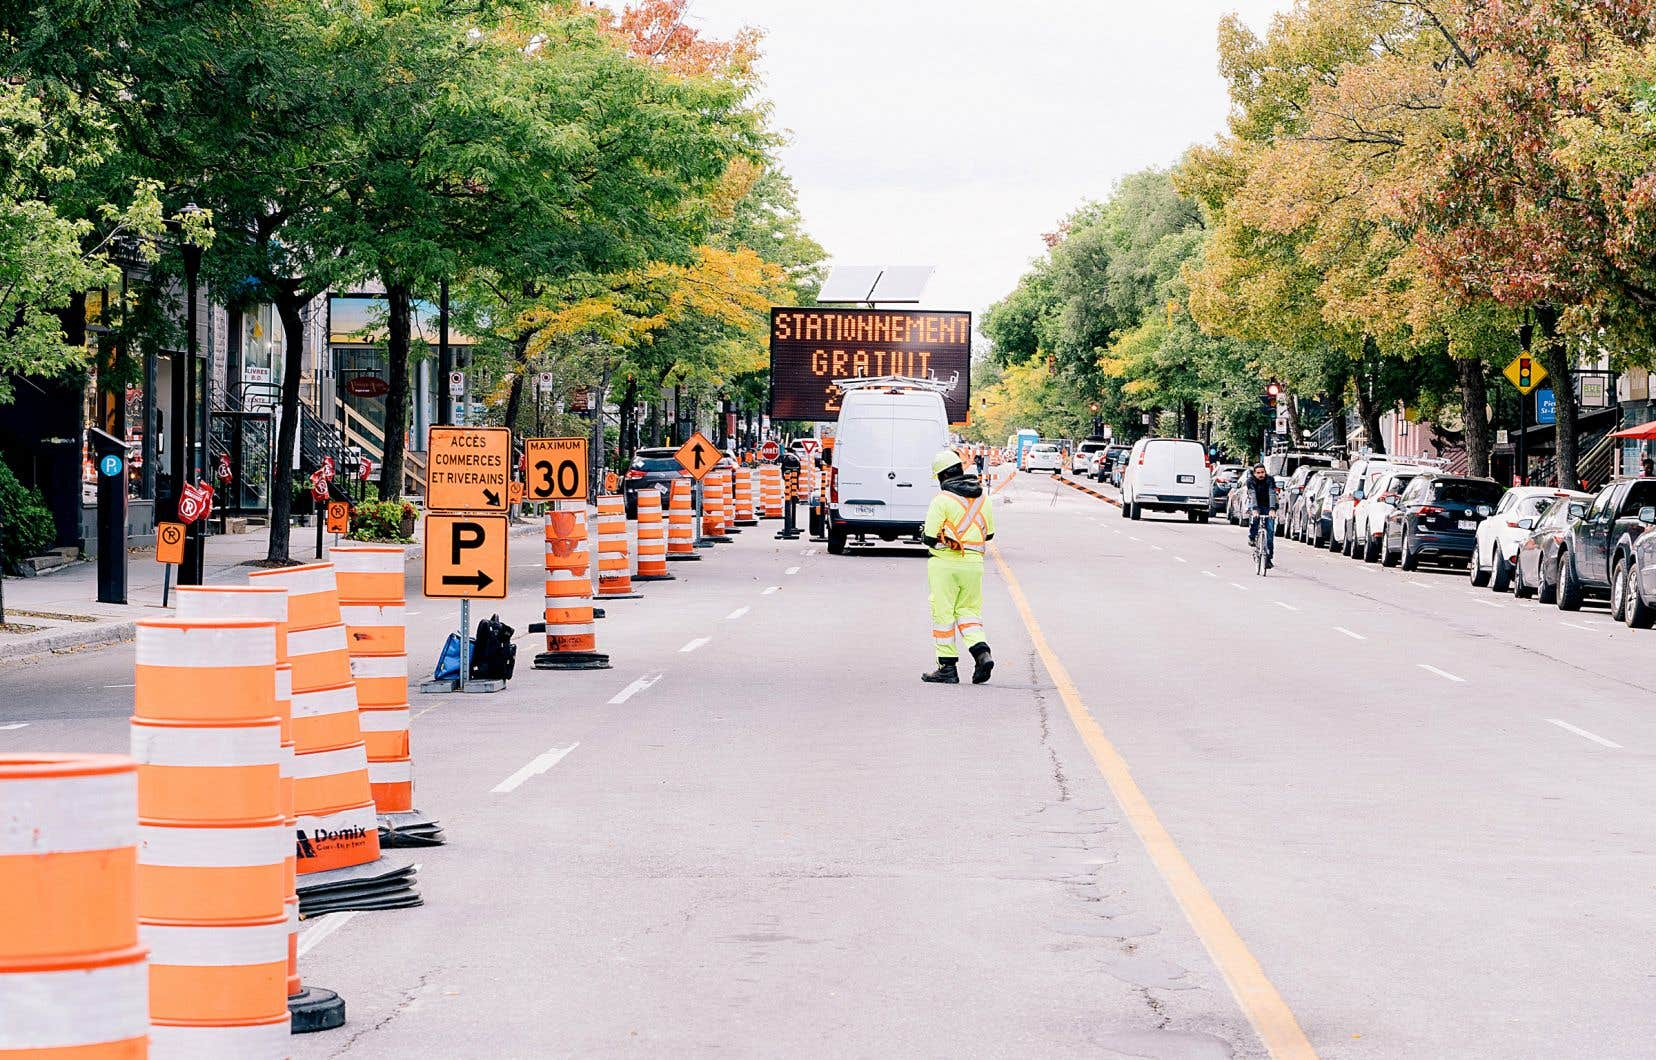 Le chantier du REV prendra fin deux semaines plus tôt que prévu selon la Société de développement commercial de la rue Saint-Denis. La réouverture entre les rues Gilford et Roy a été devancée au 9octobre.